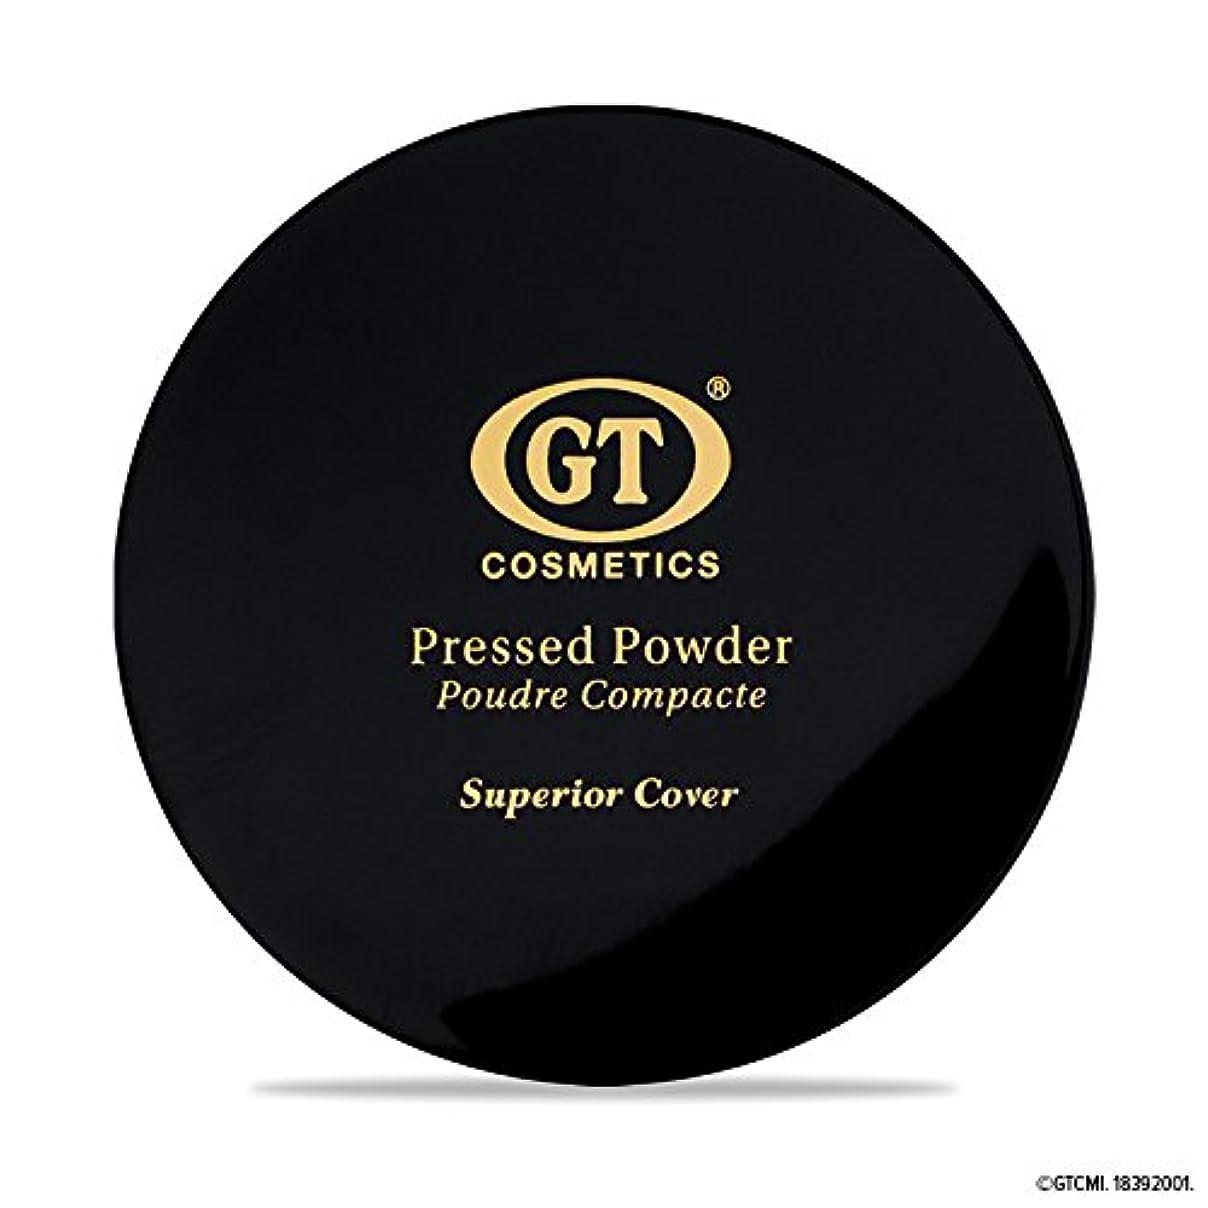 病院スクラップトリッキーGTpressed powder ライトベージュ SPF20 正規輸入代理店 日本初上陸 コスメティック オーガニック ファンデーション